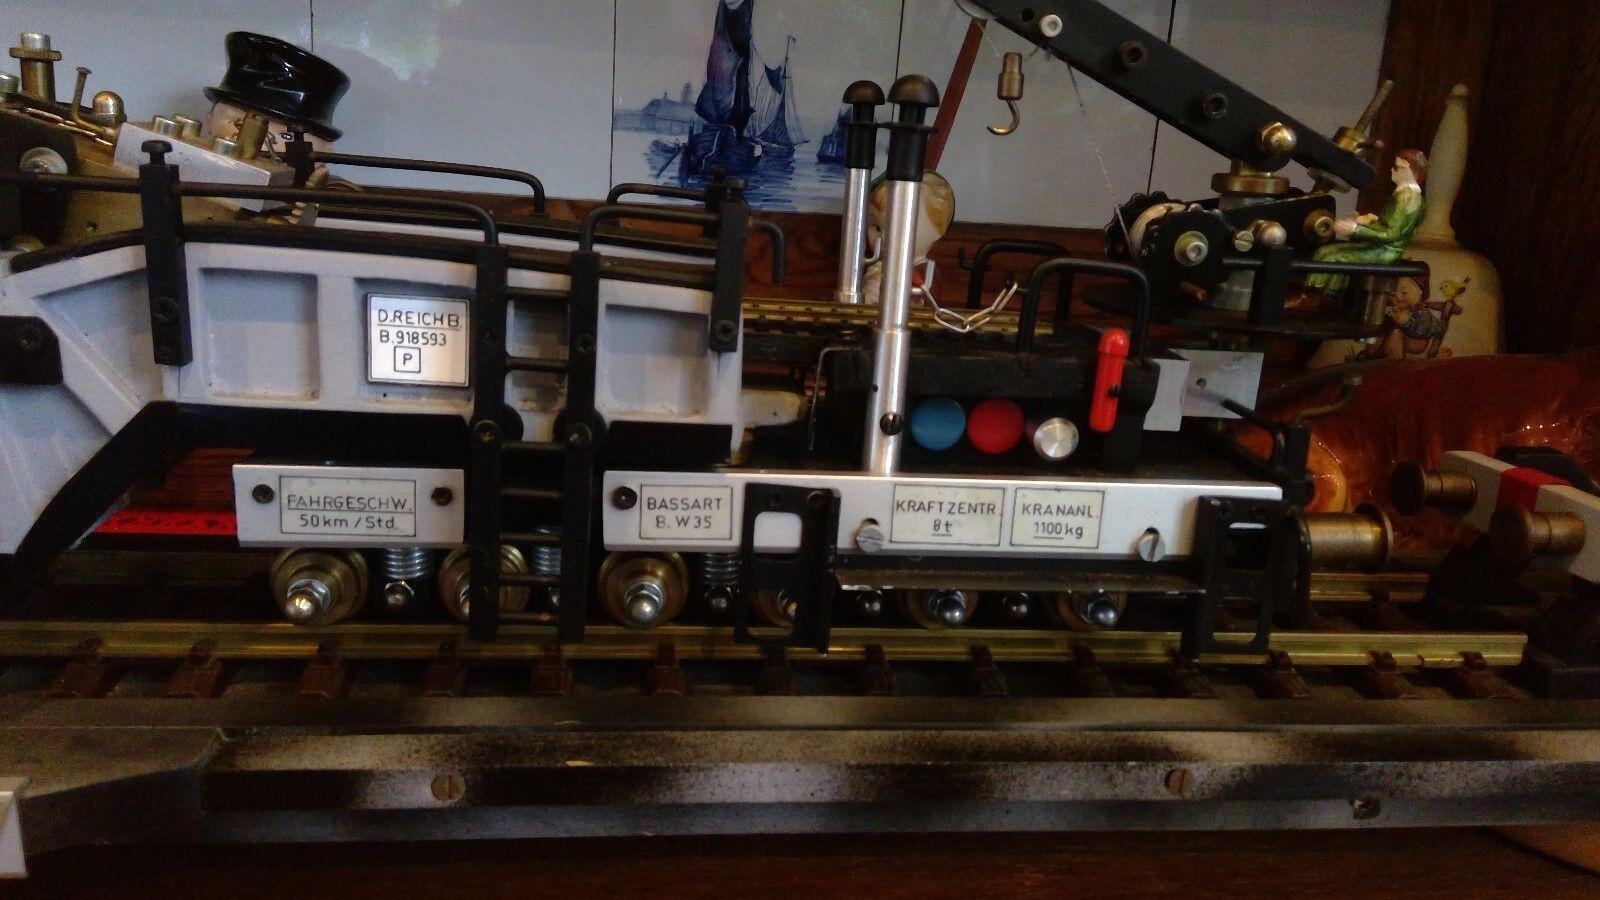 Selbstgebautes Model eines Eisenbahngeschützes Eisenbahngeschützes Eisenbahngeschützes zweiter Weltkrieg 695153